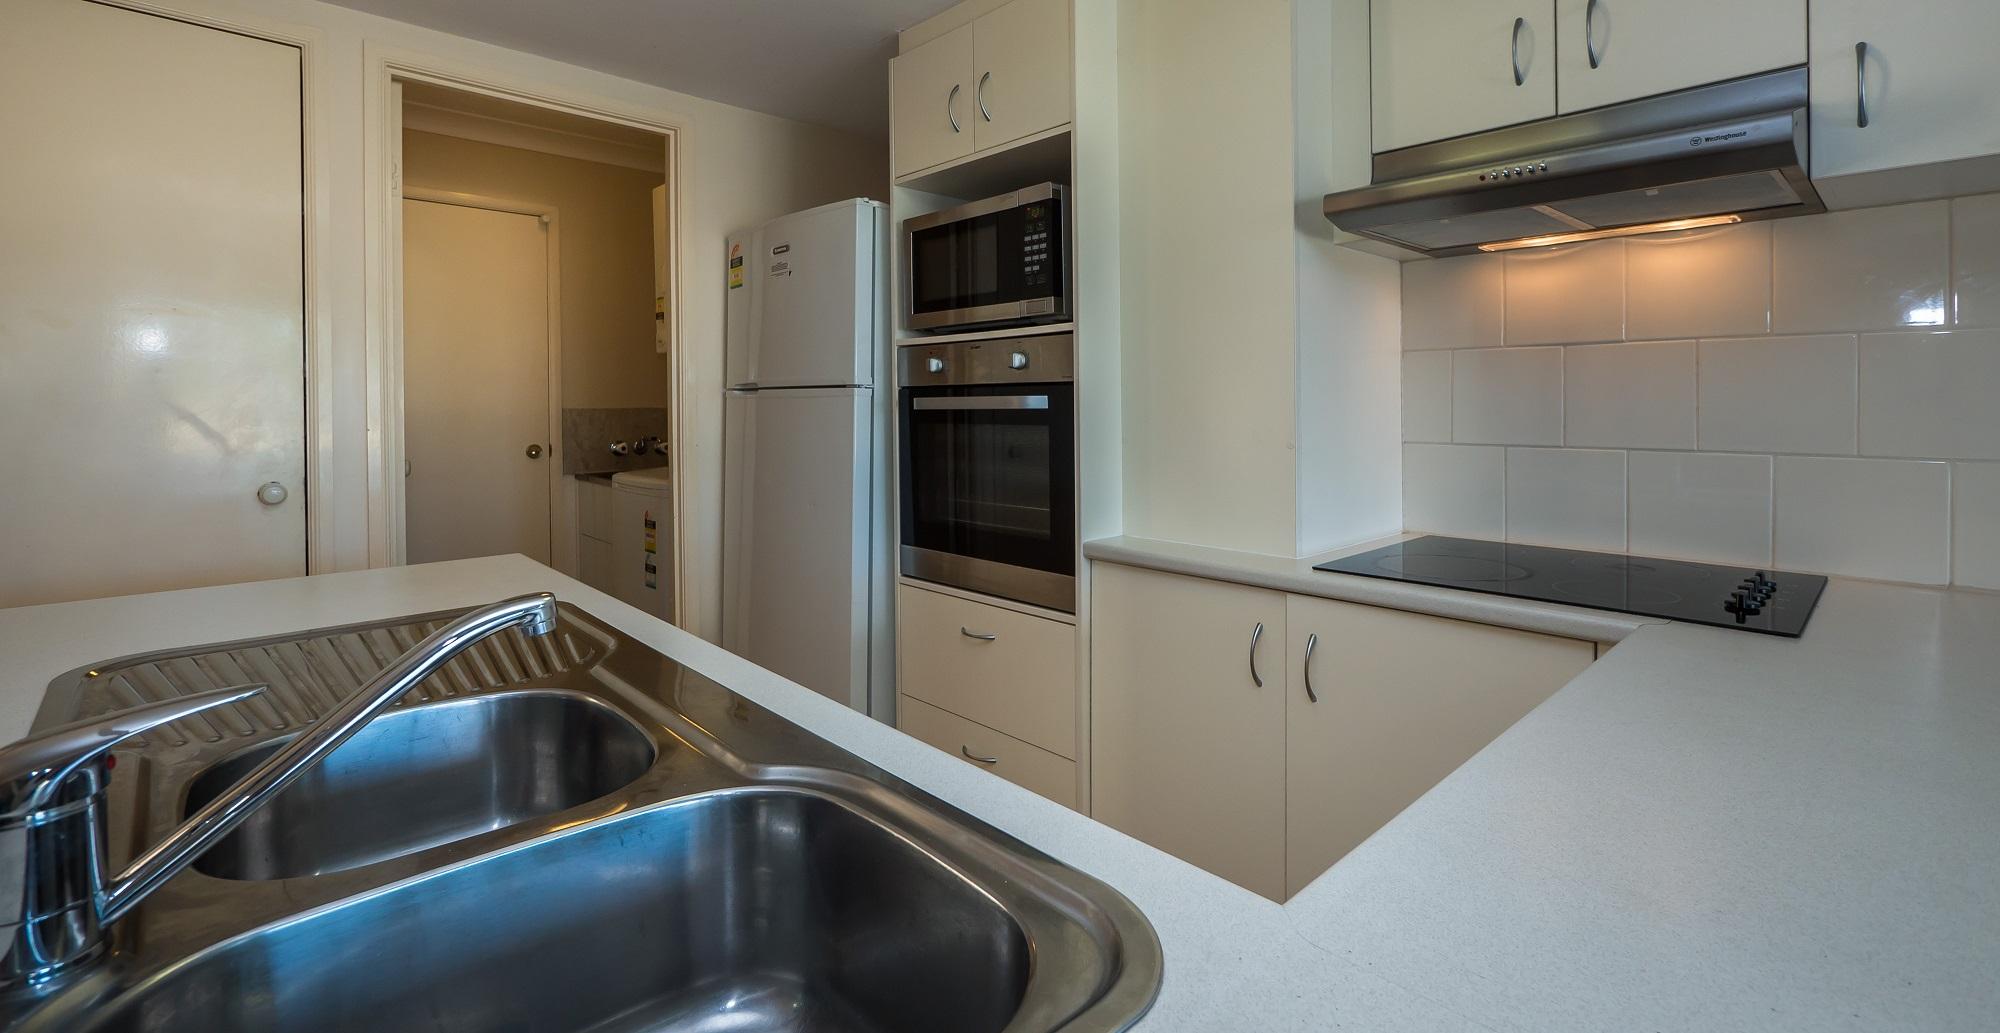 Isle of Palms Resort Accommodation - Kitchen